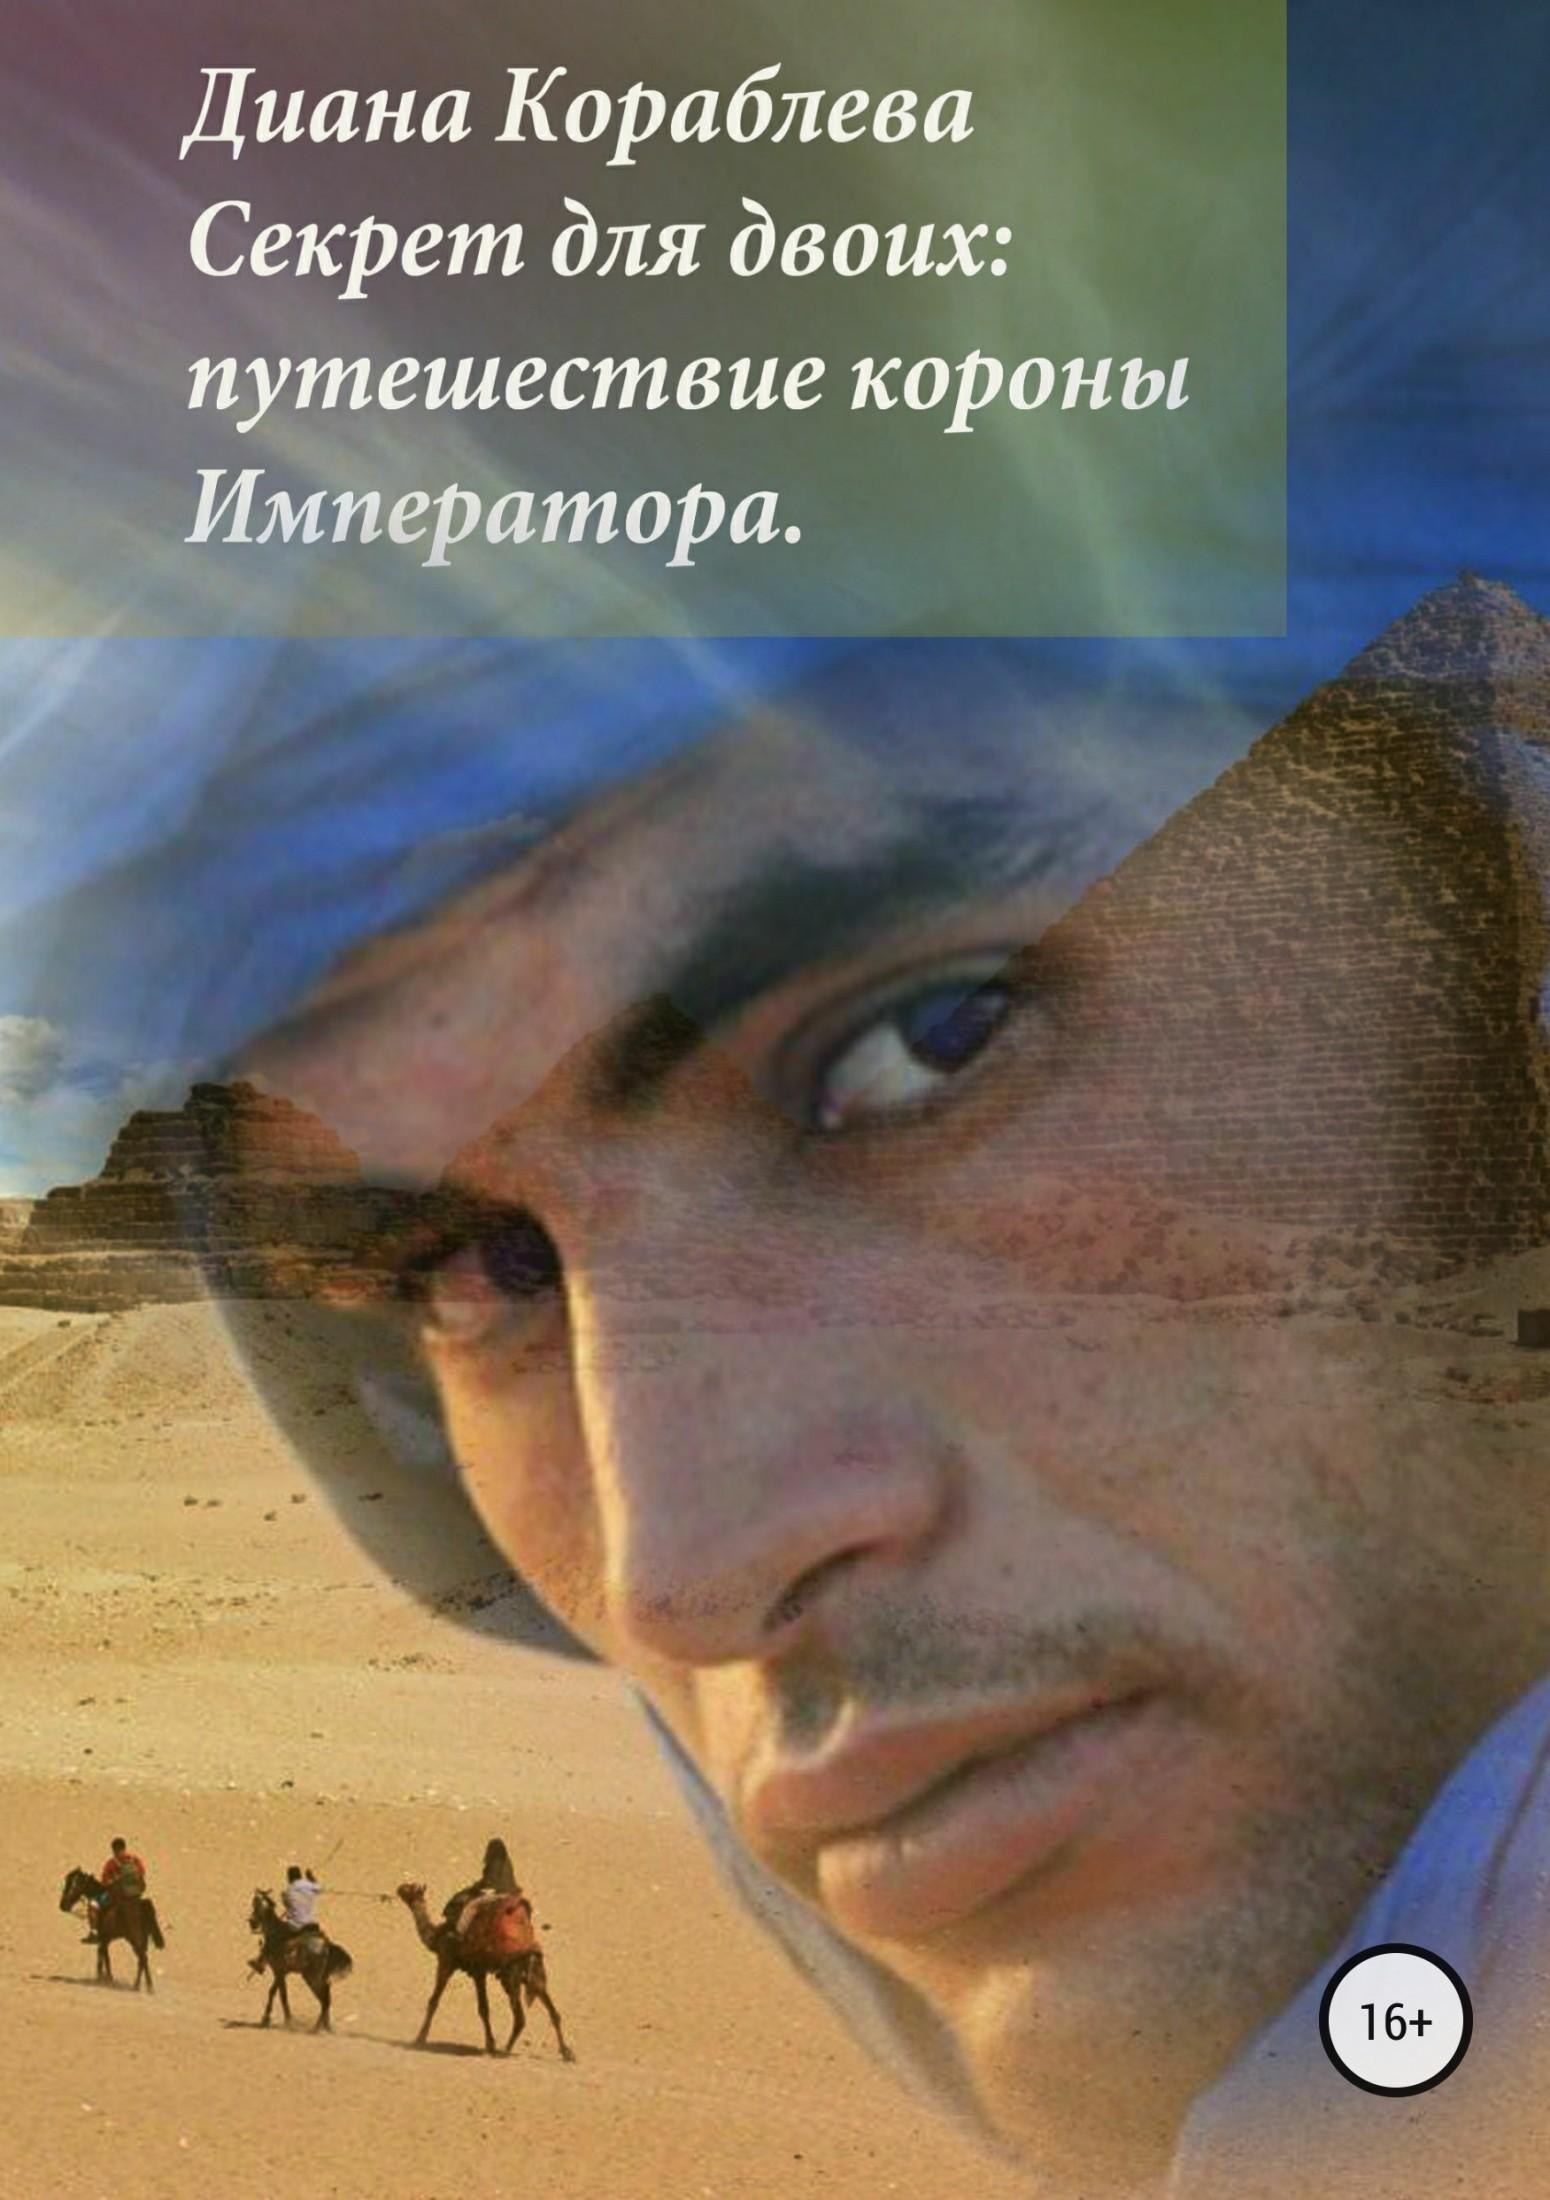 Диана Кораблева - Секрет для двоих: путешествие короны Императора